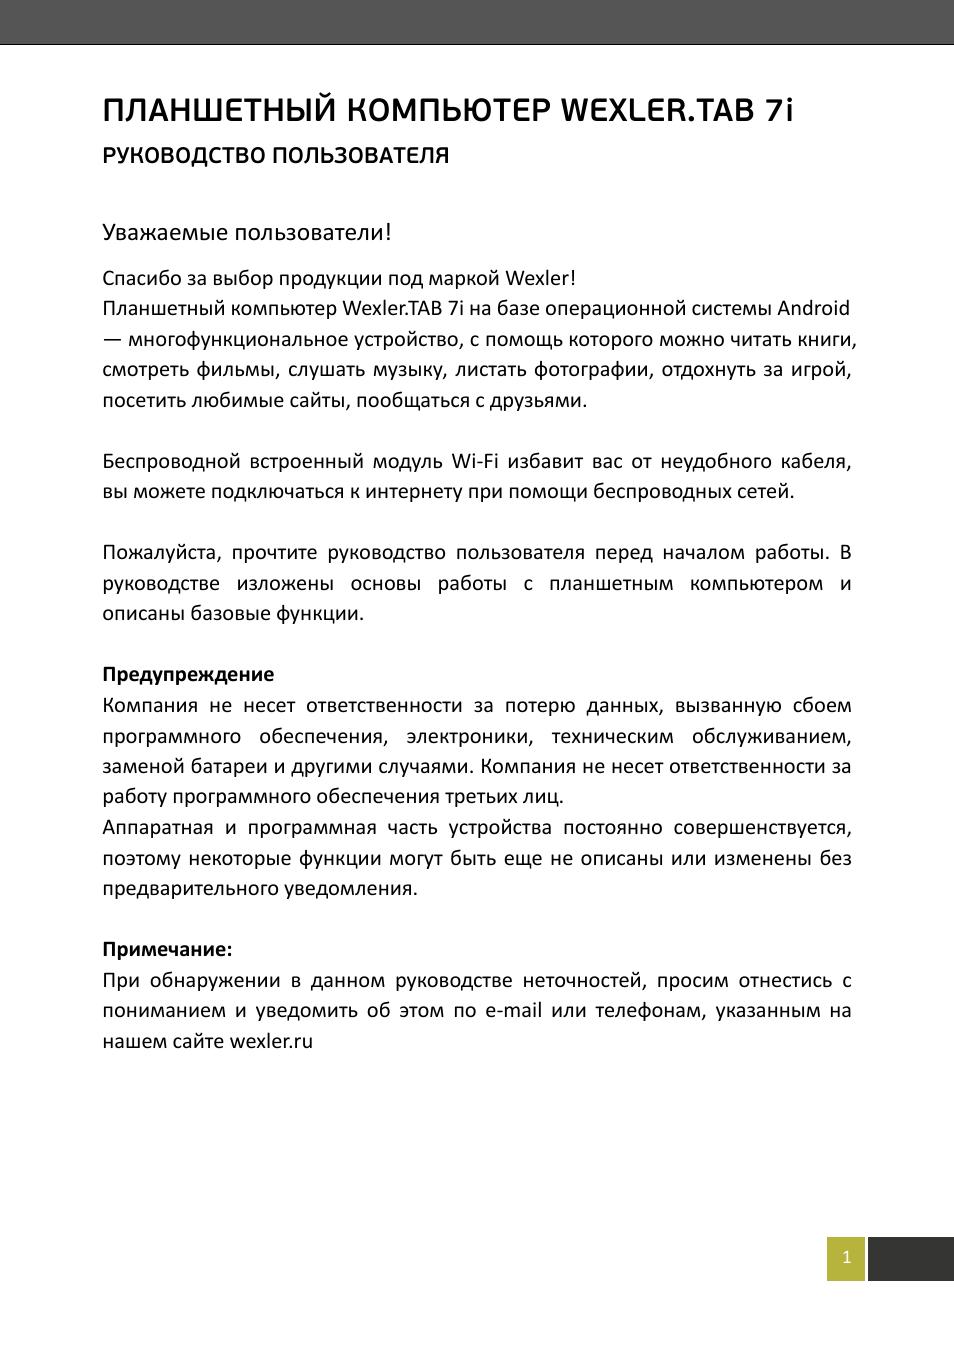 Инструкция по эксплуатации планшетного компьютера wexler tab 7i